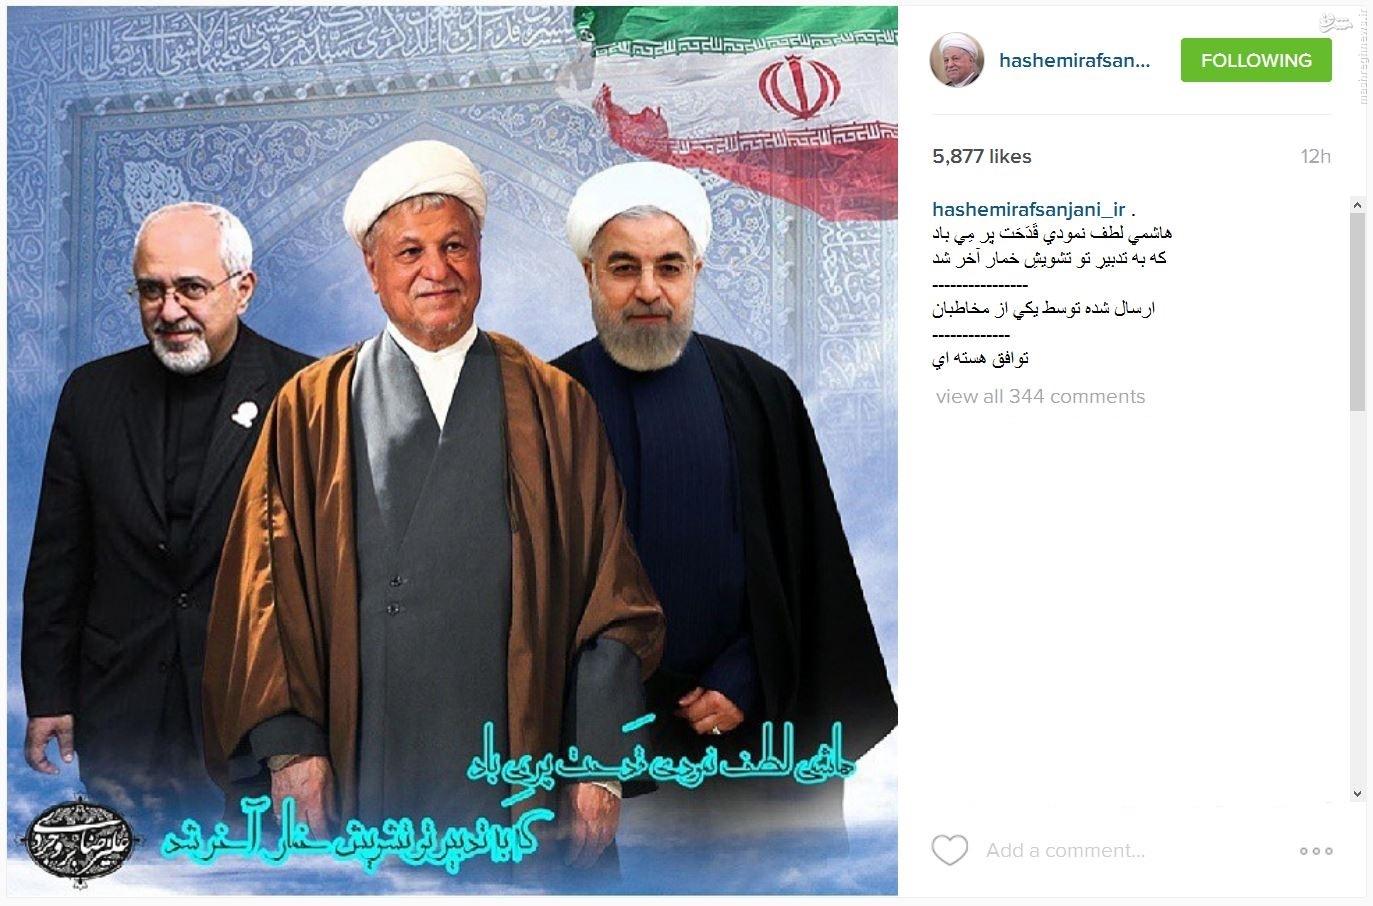 پست عجیب اینستاگرام هاشمی درمورد تدبیر وی در مذاکرات